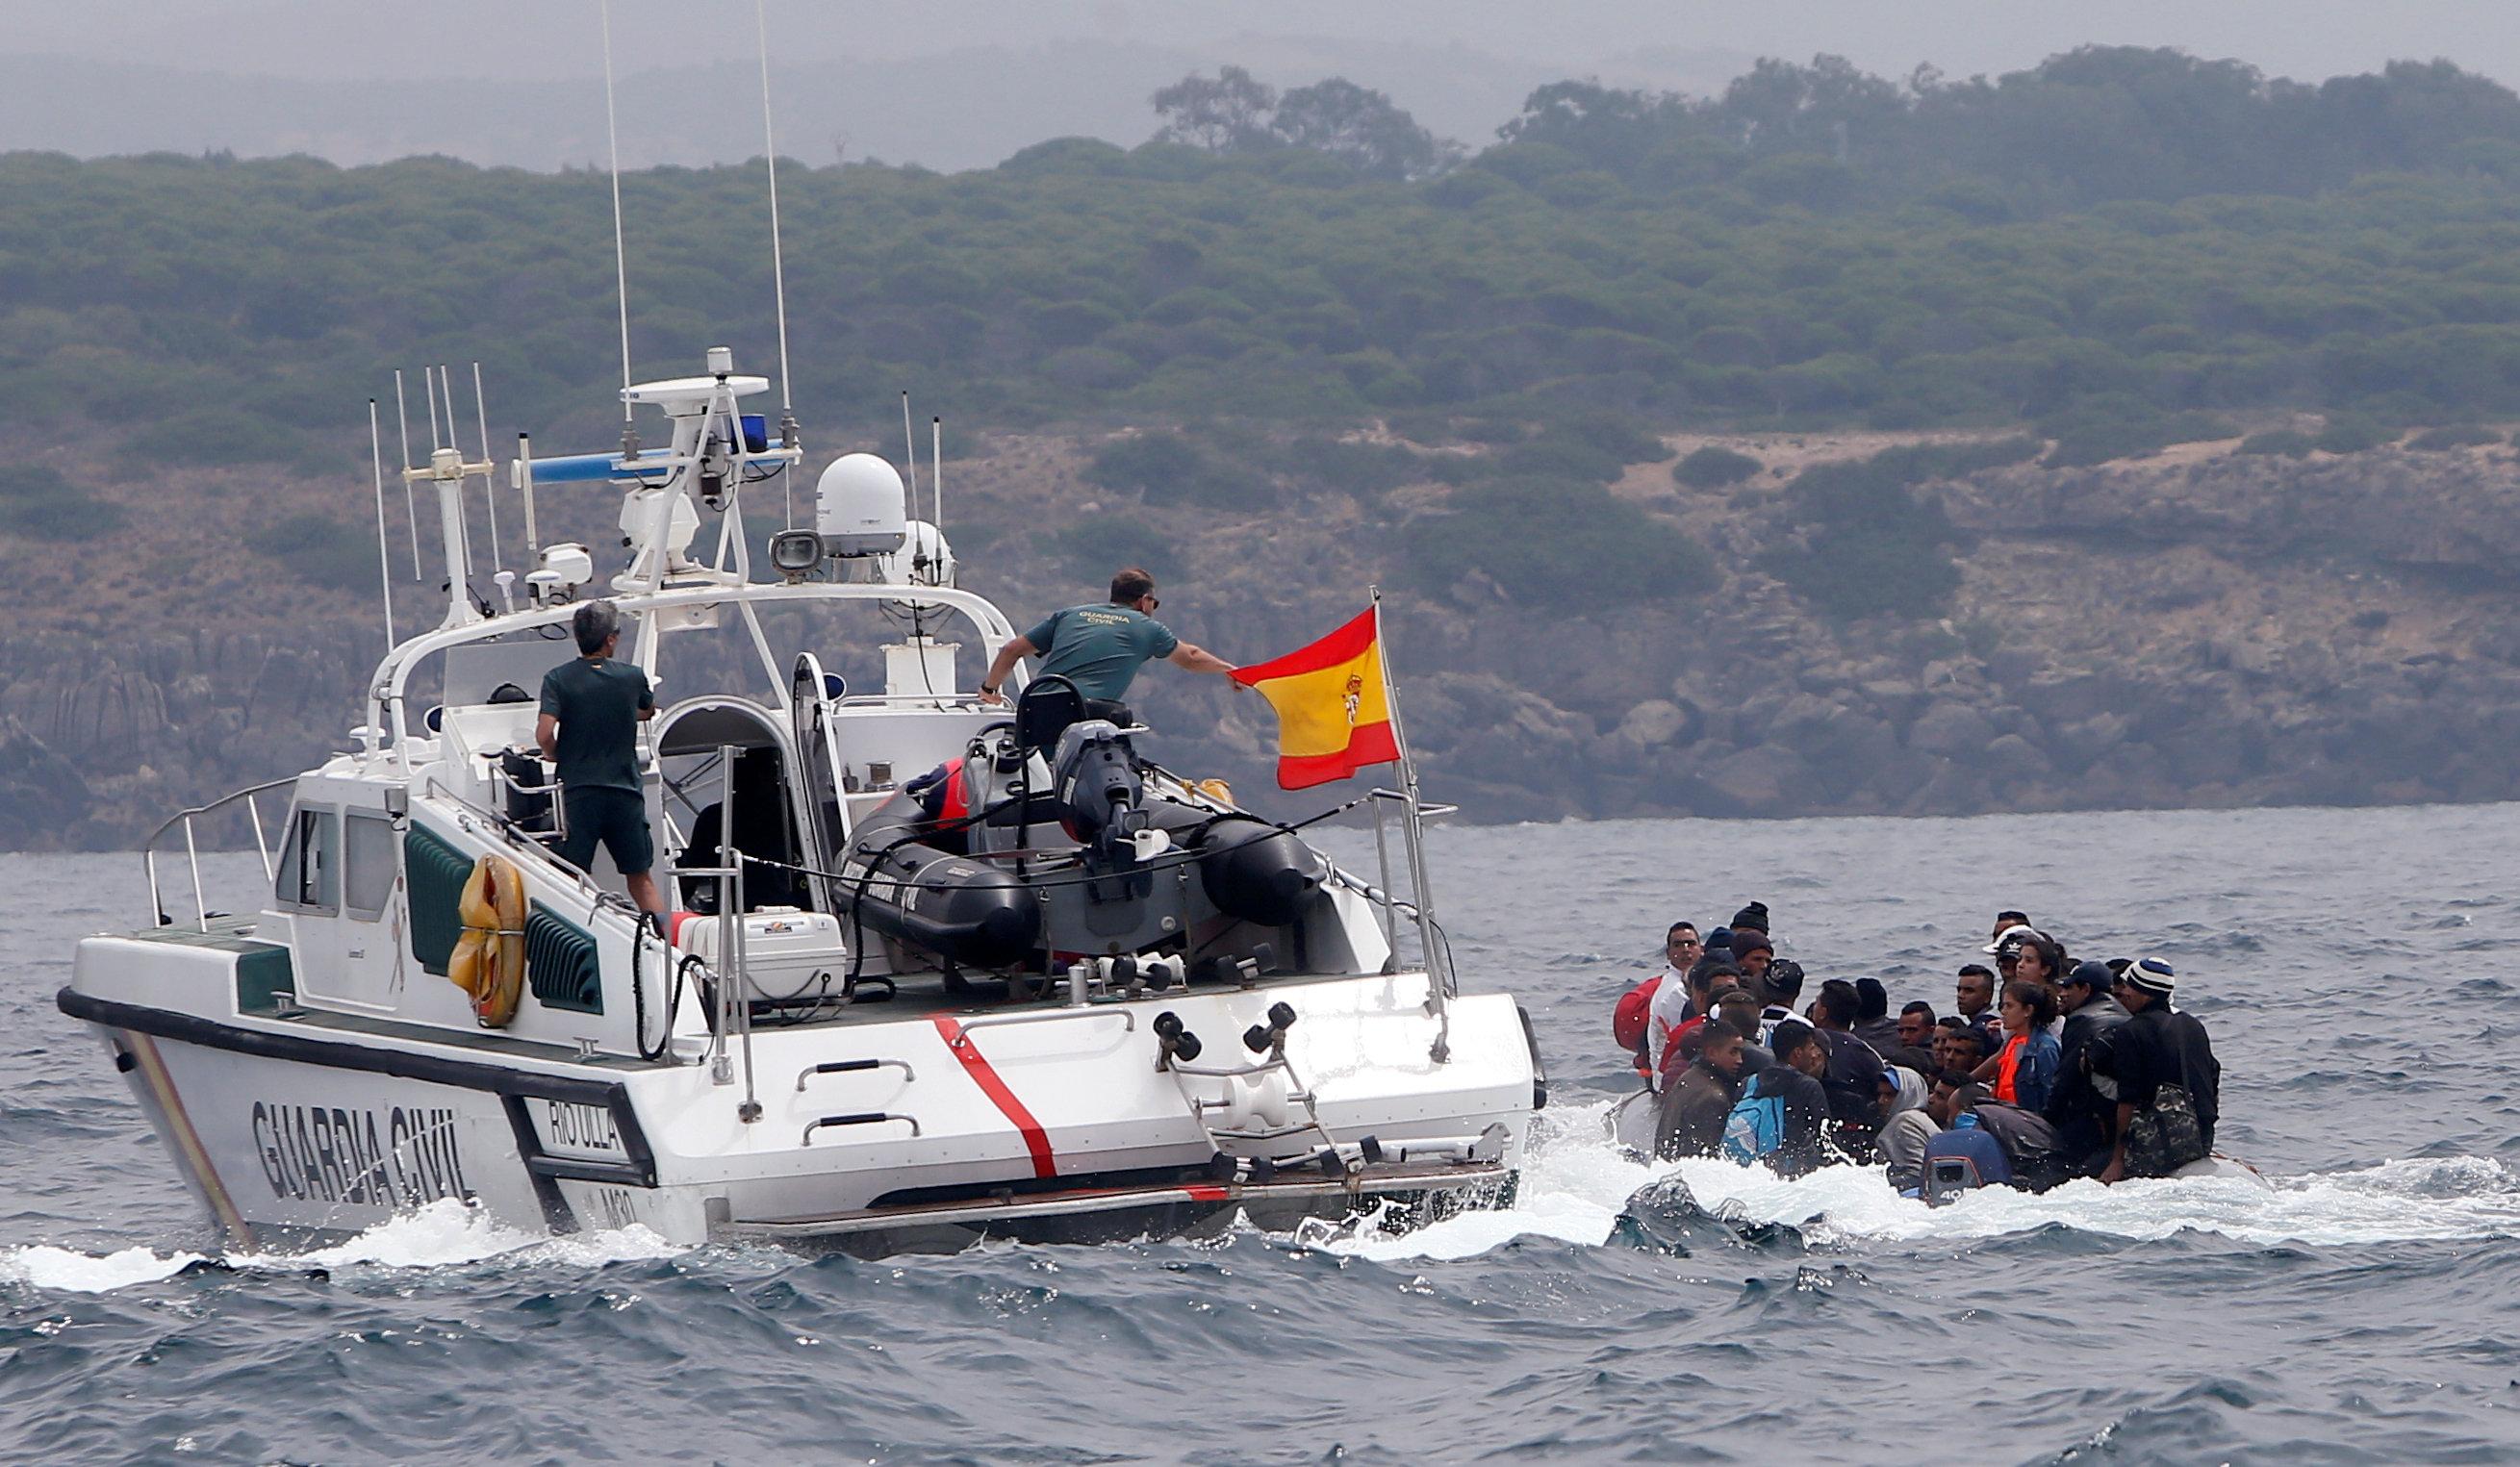 البحرية الإسبانية تتمكن من إنقاذ 59 مهاجرا غير شرعيا من المتوسط